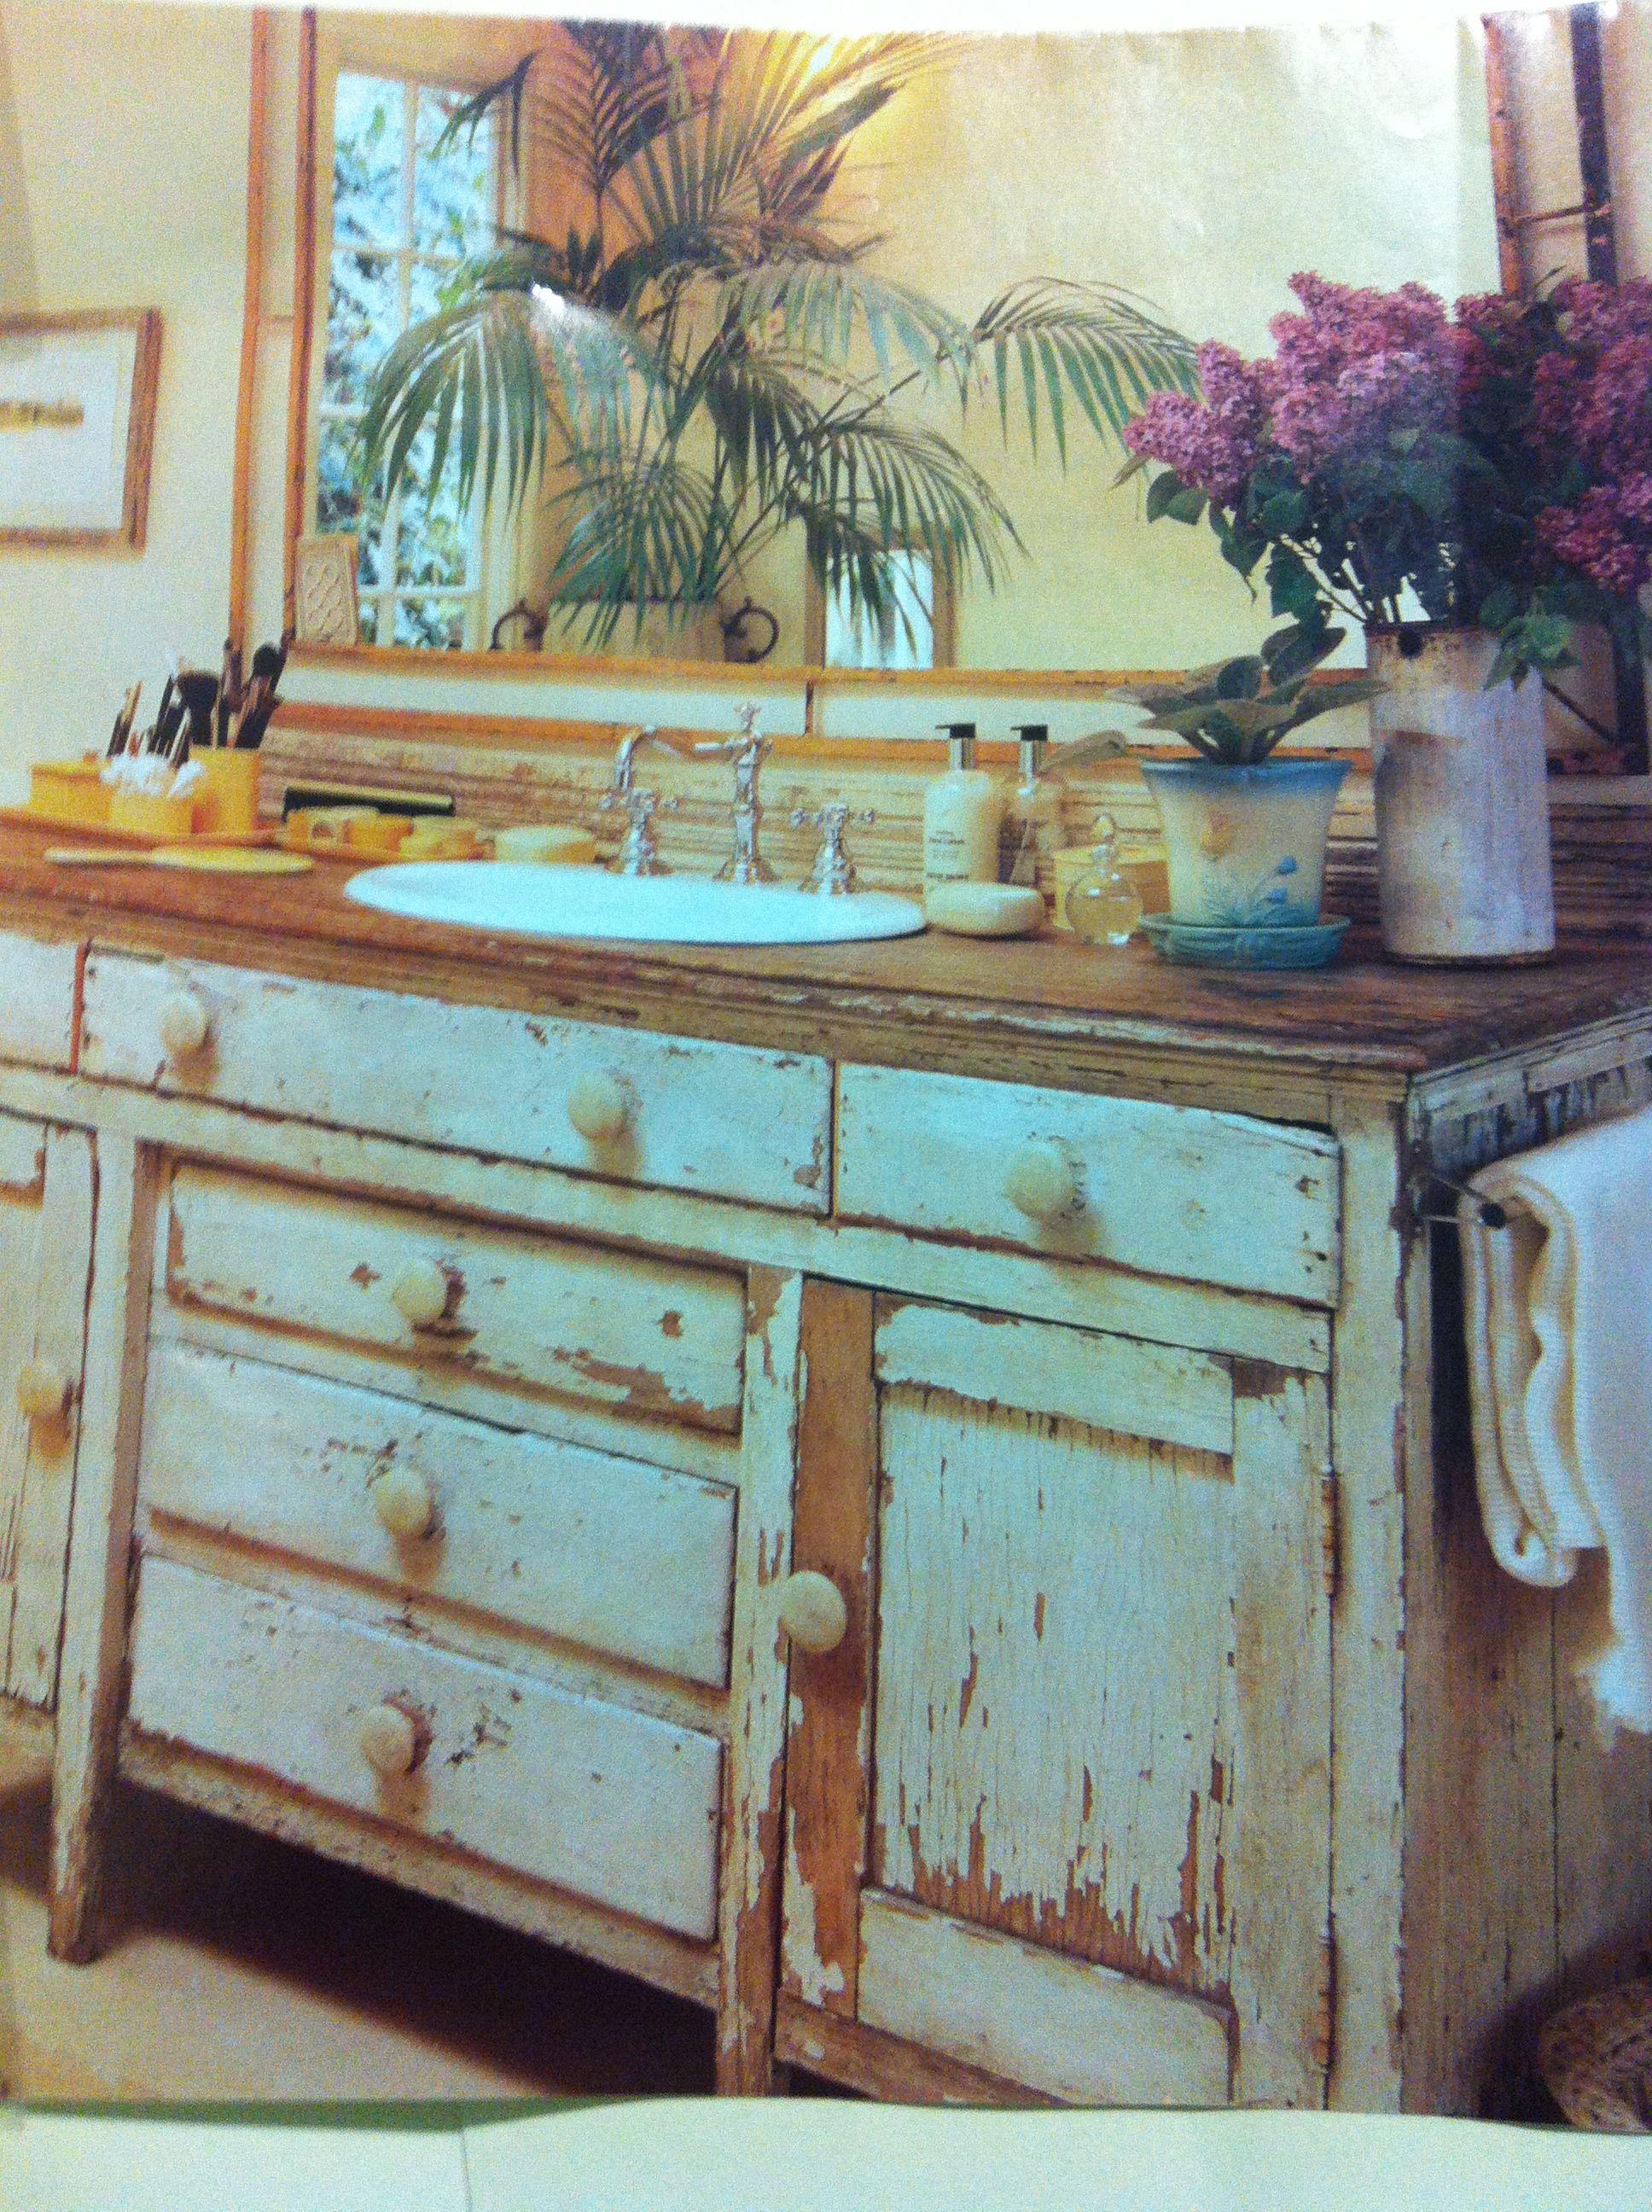 Old Dresser For Bathroom Sink Bathrooms Vintage Bathrooms Primitive Bathrooms Vintage Sink